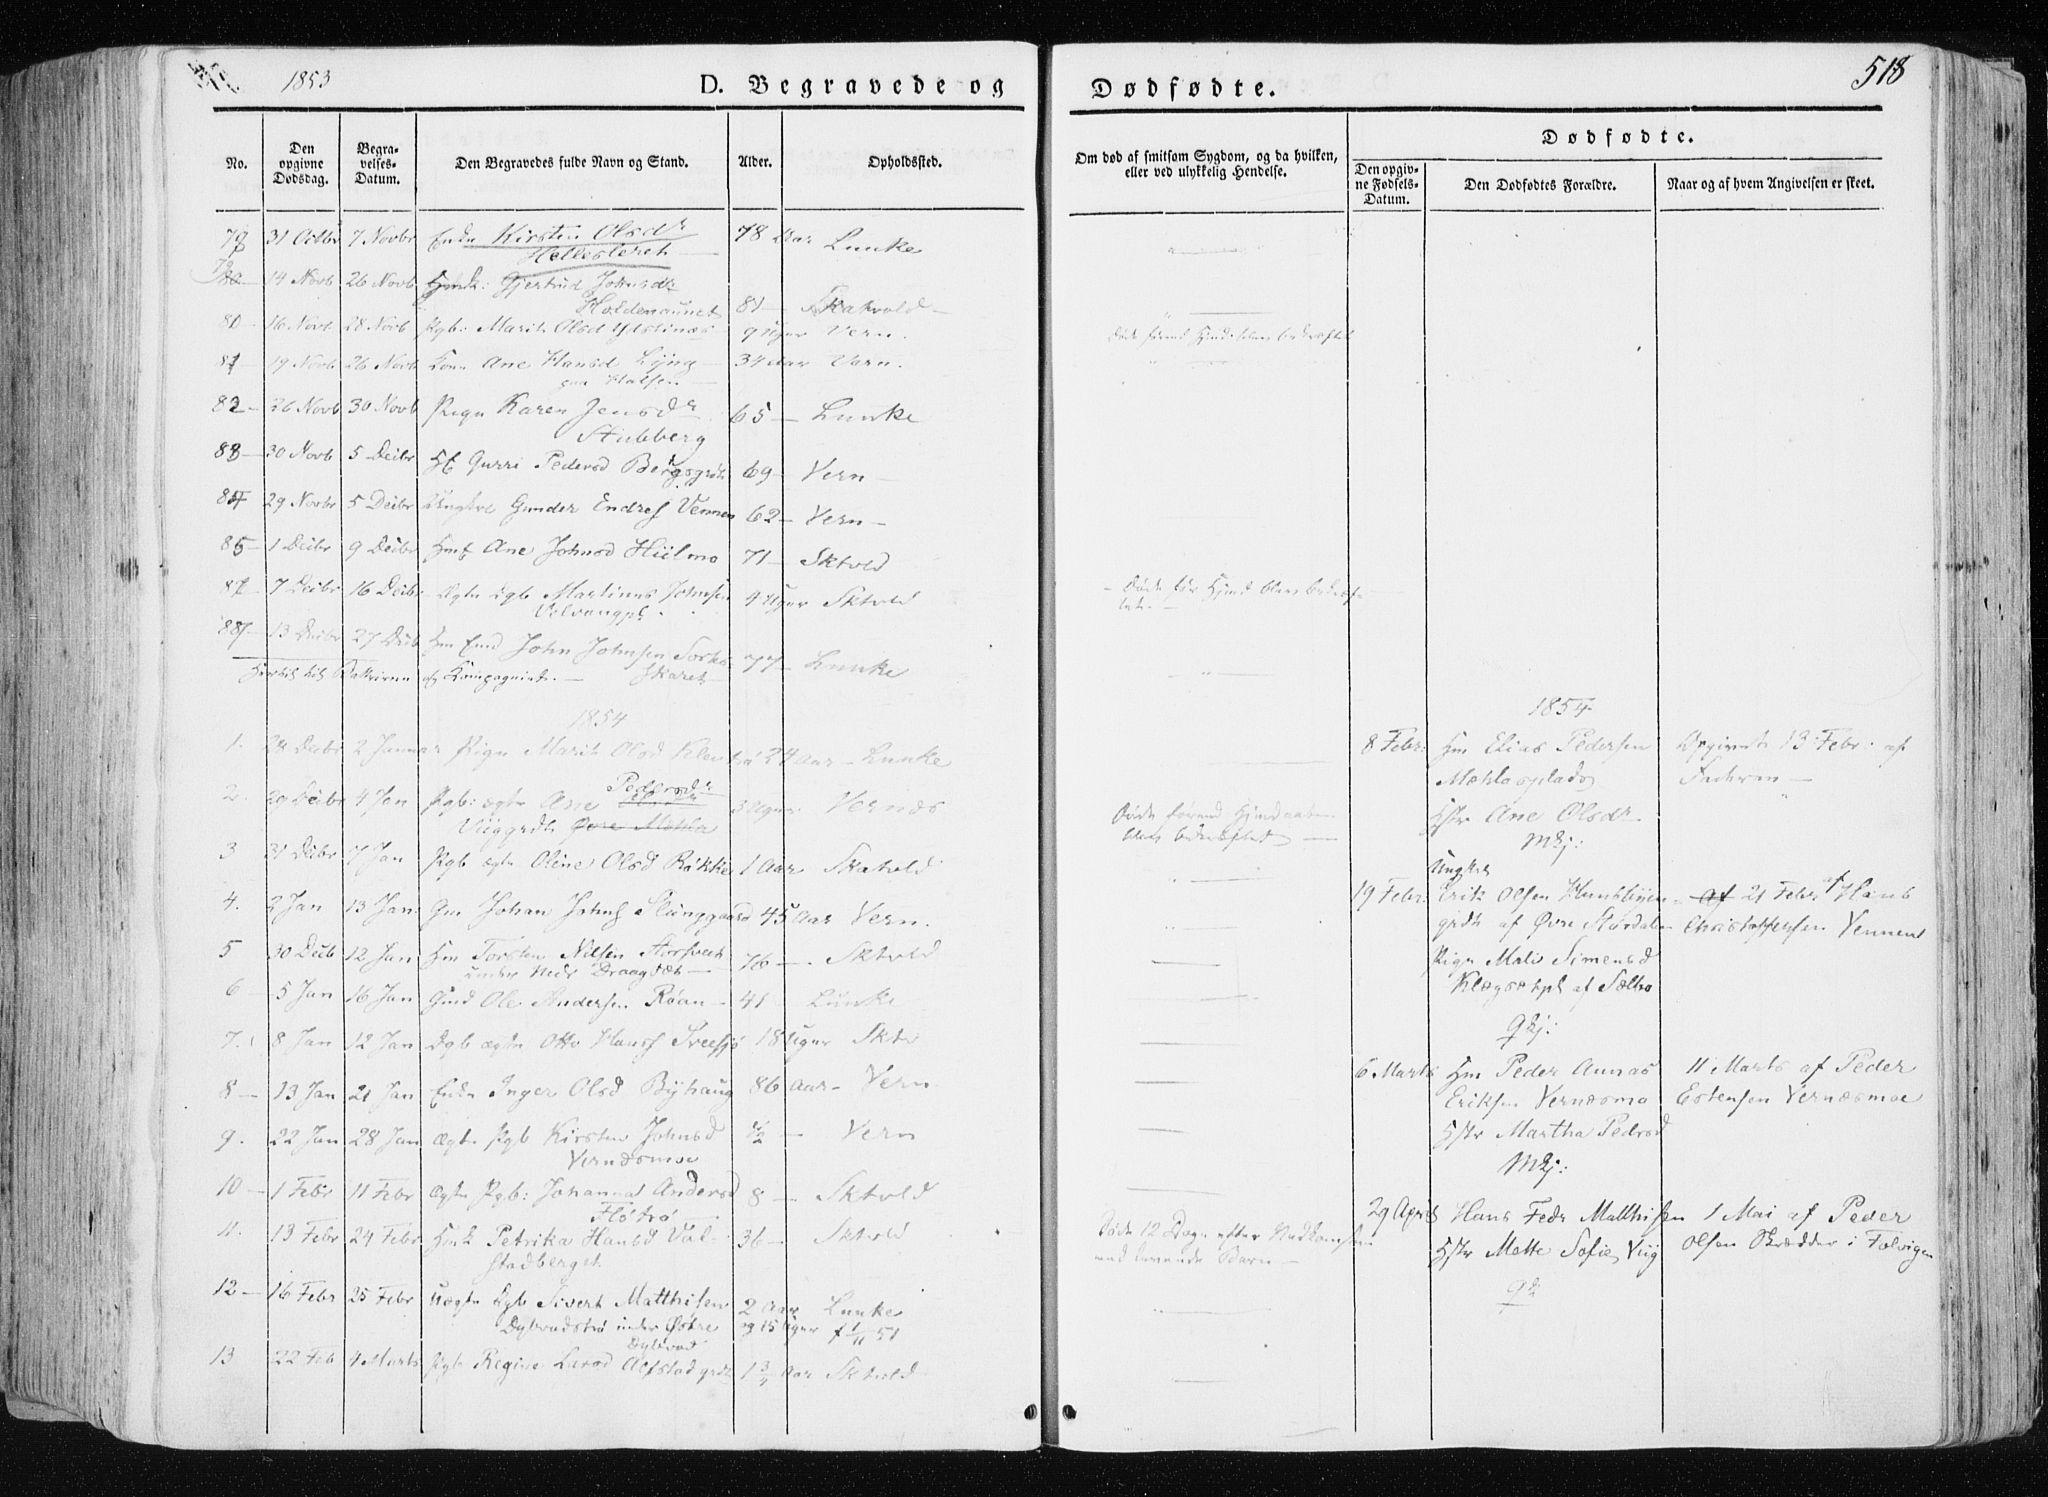 SAT, Ministerialprotokoller, klokkerbøker og fødselsregistre - Nord-Trøndelag, 709/L0074: Ministerialbok nr. 709A14, 1845-1858, s. 518